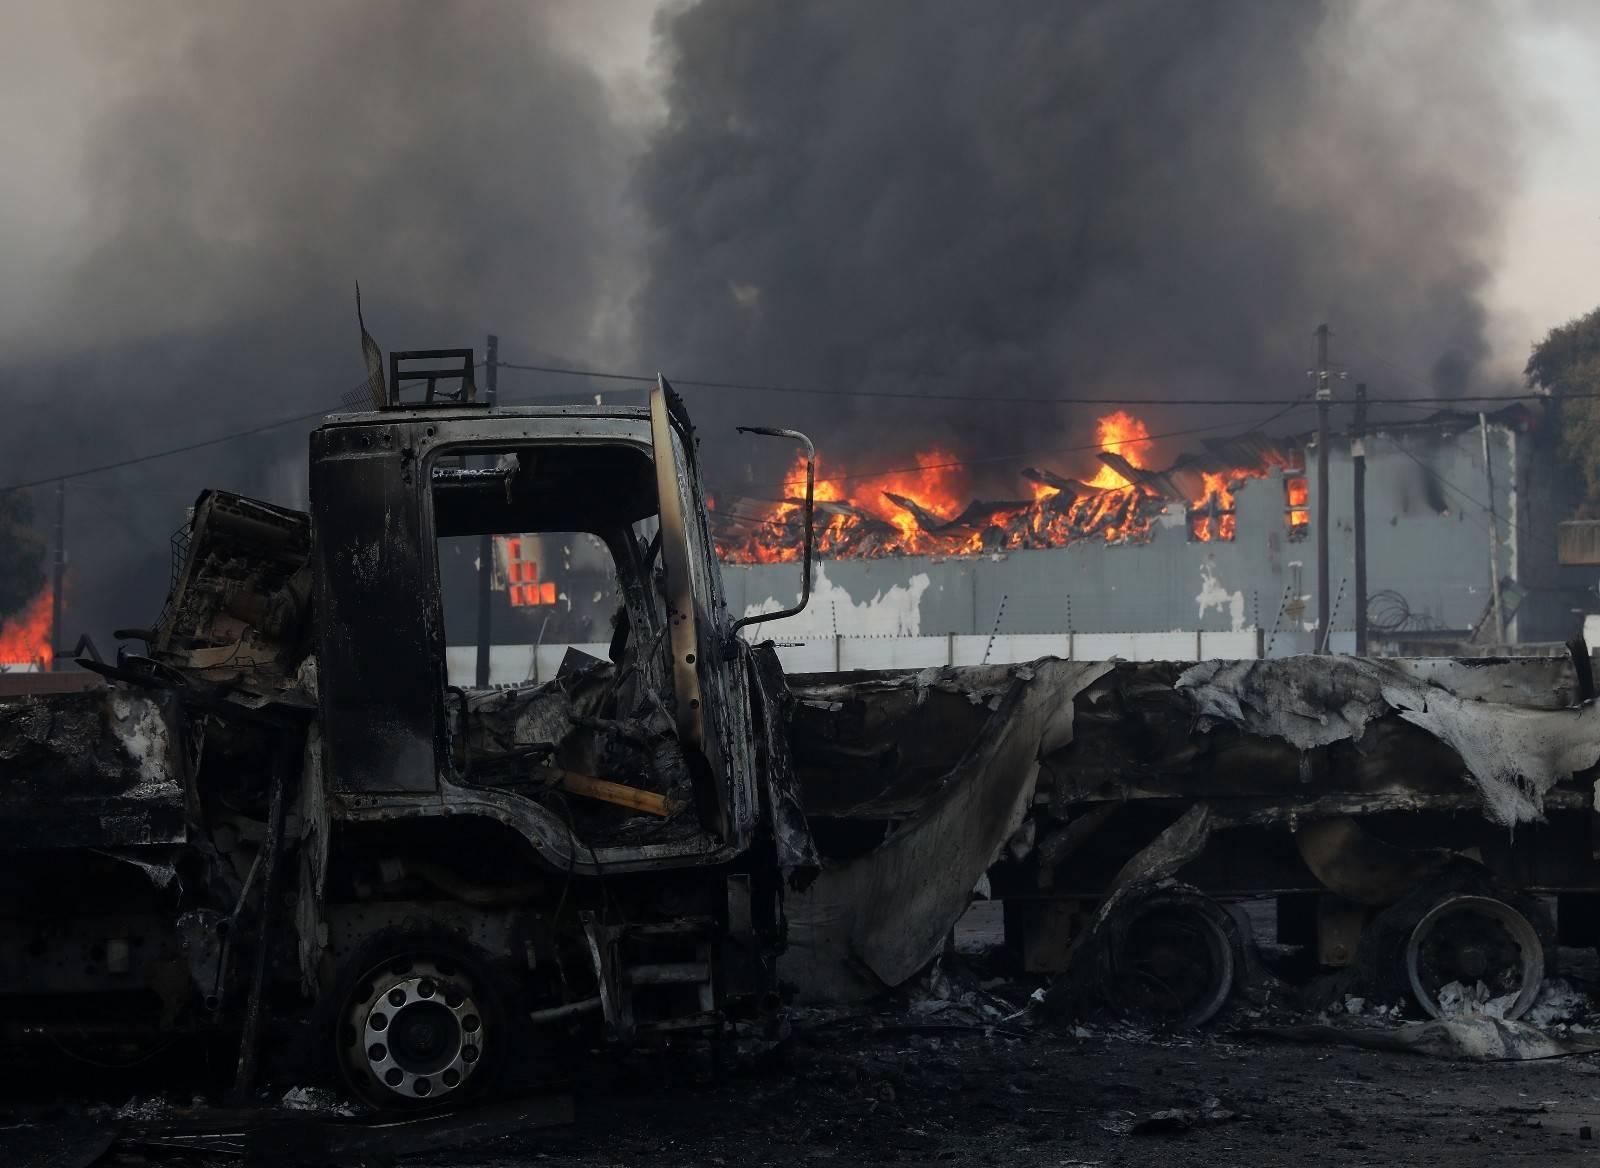 Ülkede ordu sokağa indi, protestolarda 6 kişi öldü